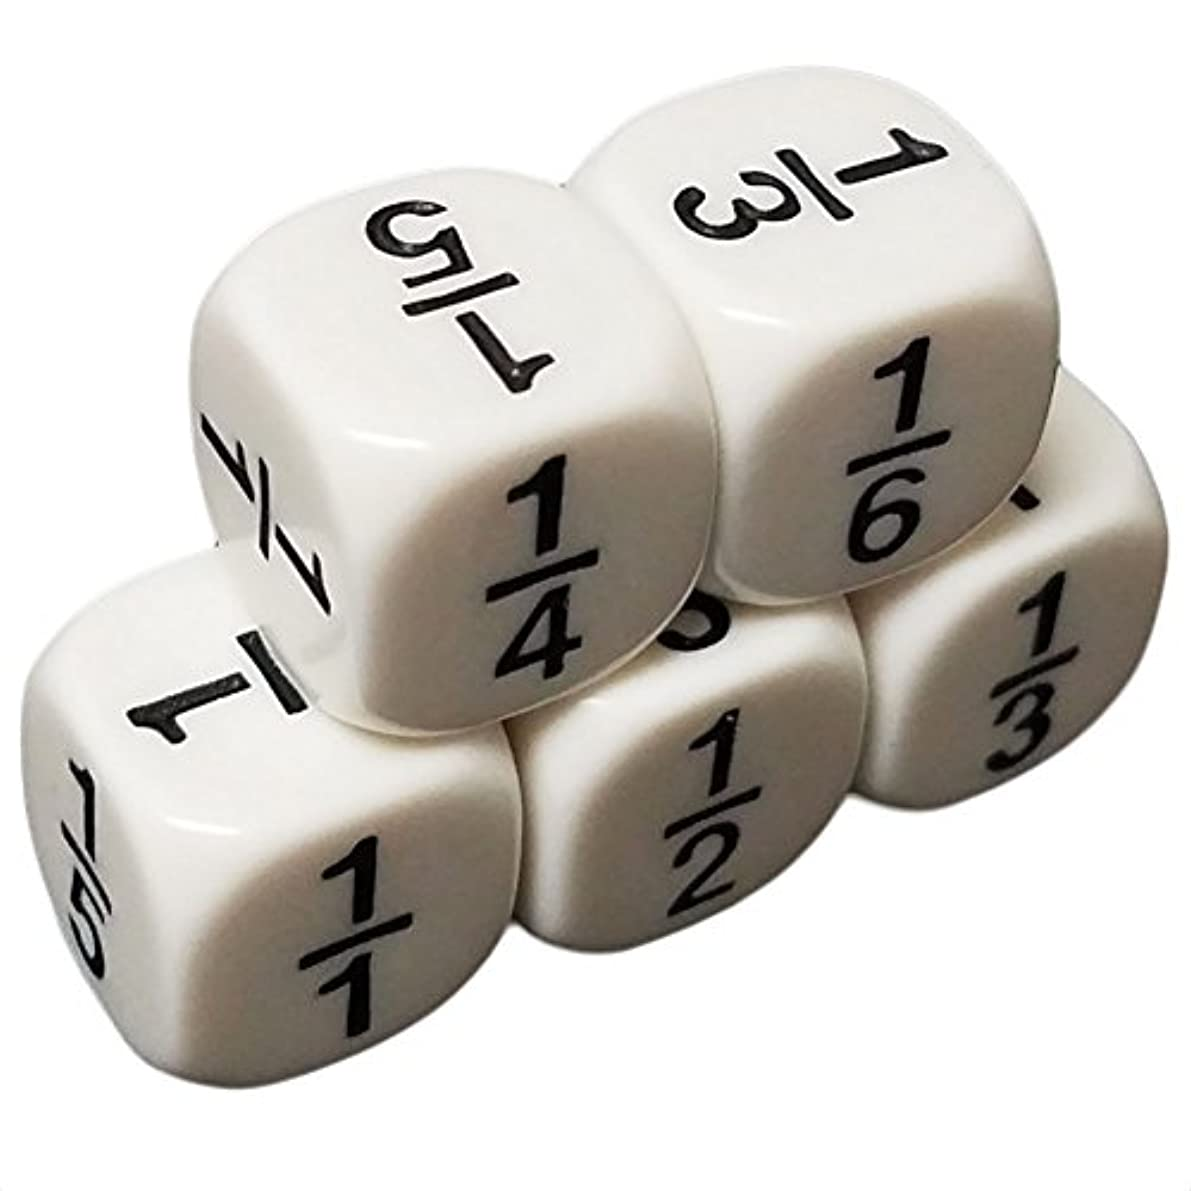 共感する泥だらけ運ぶセットof 5教育Dice 6 Sided数学分数1 / 6 Numbersホワイトで雪オーガンジーバッグ